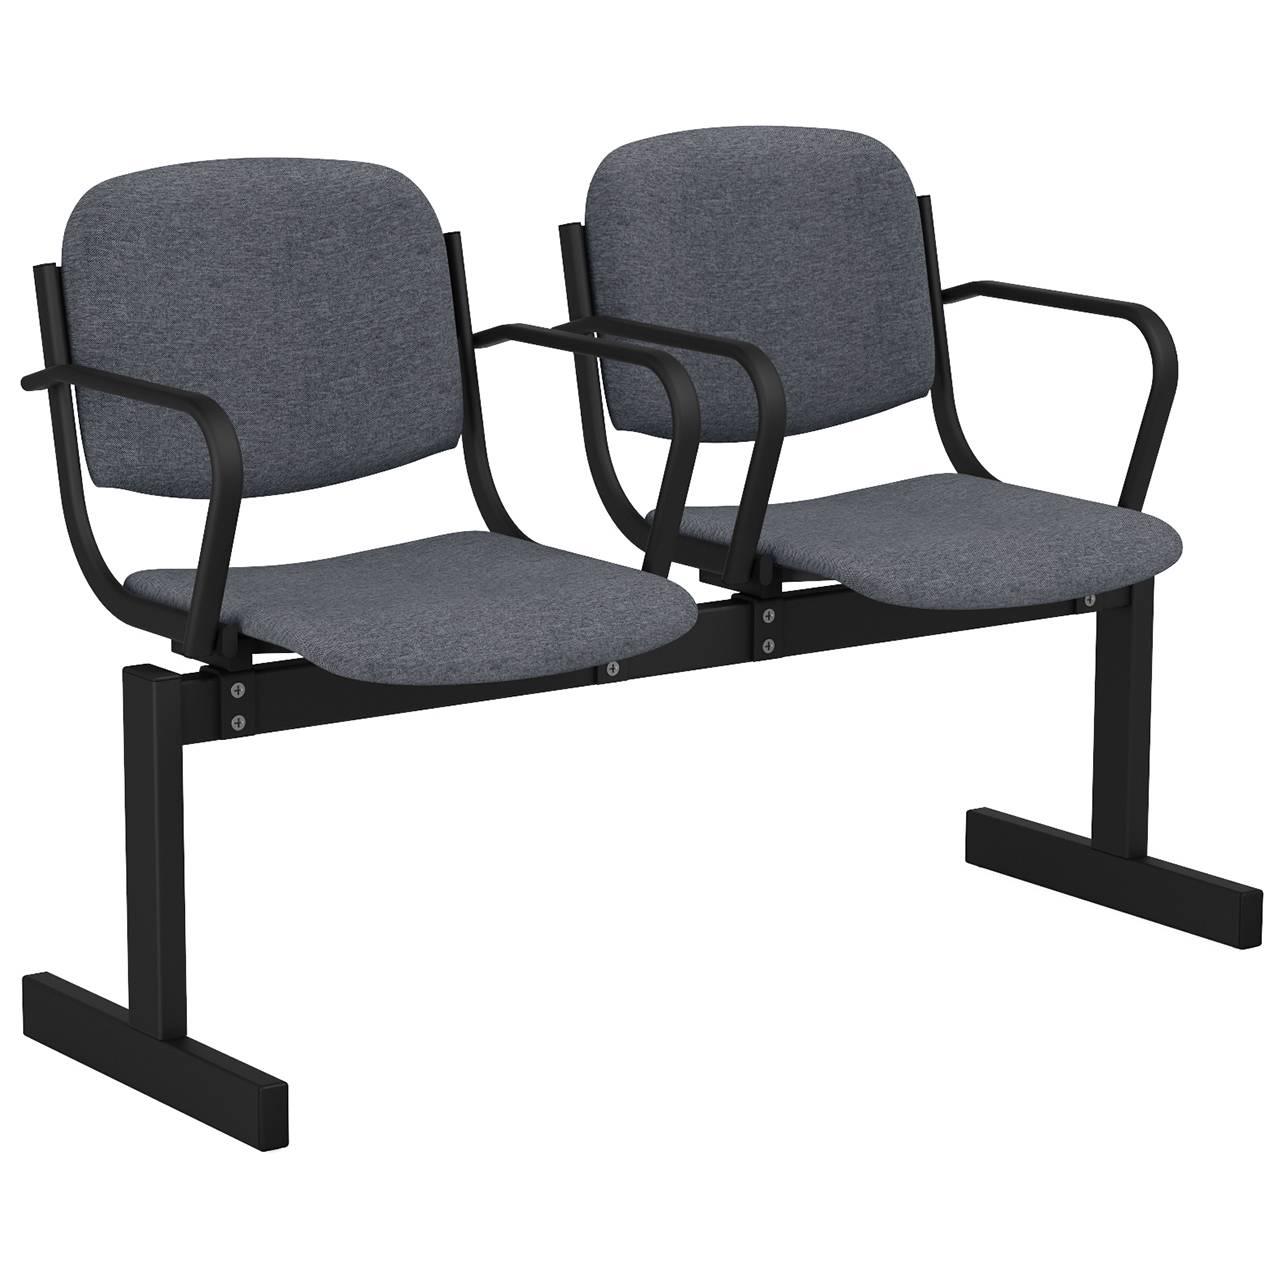 2-местный, не откидывающиеся сиденья, мягкий, подлокотники черный серый Офисная ткань